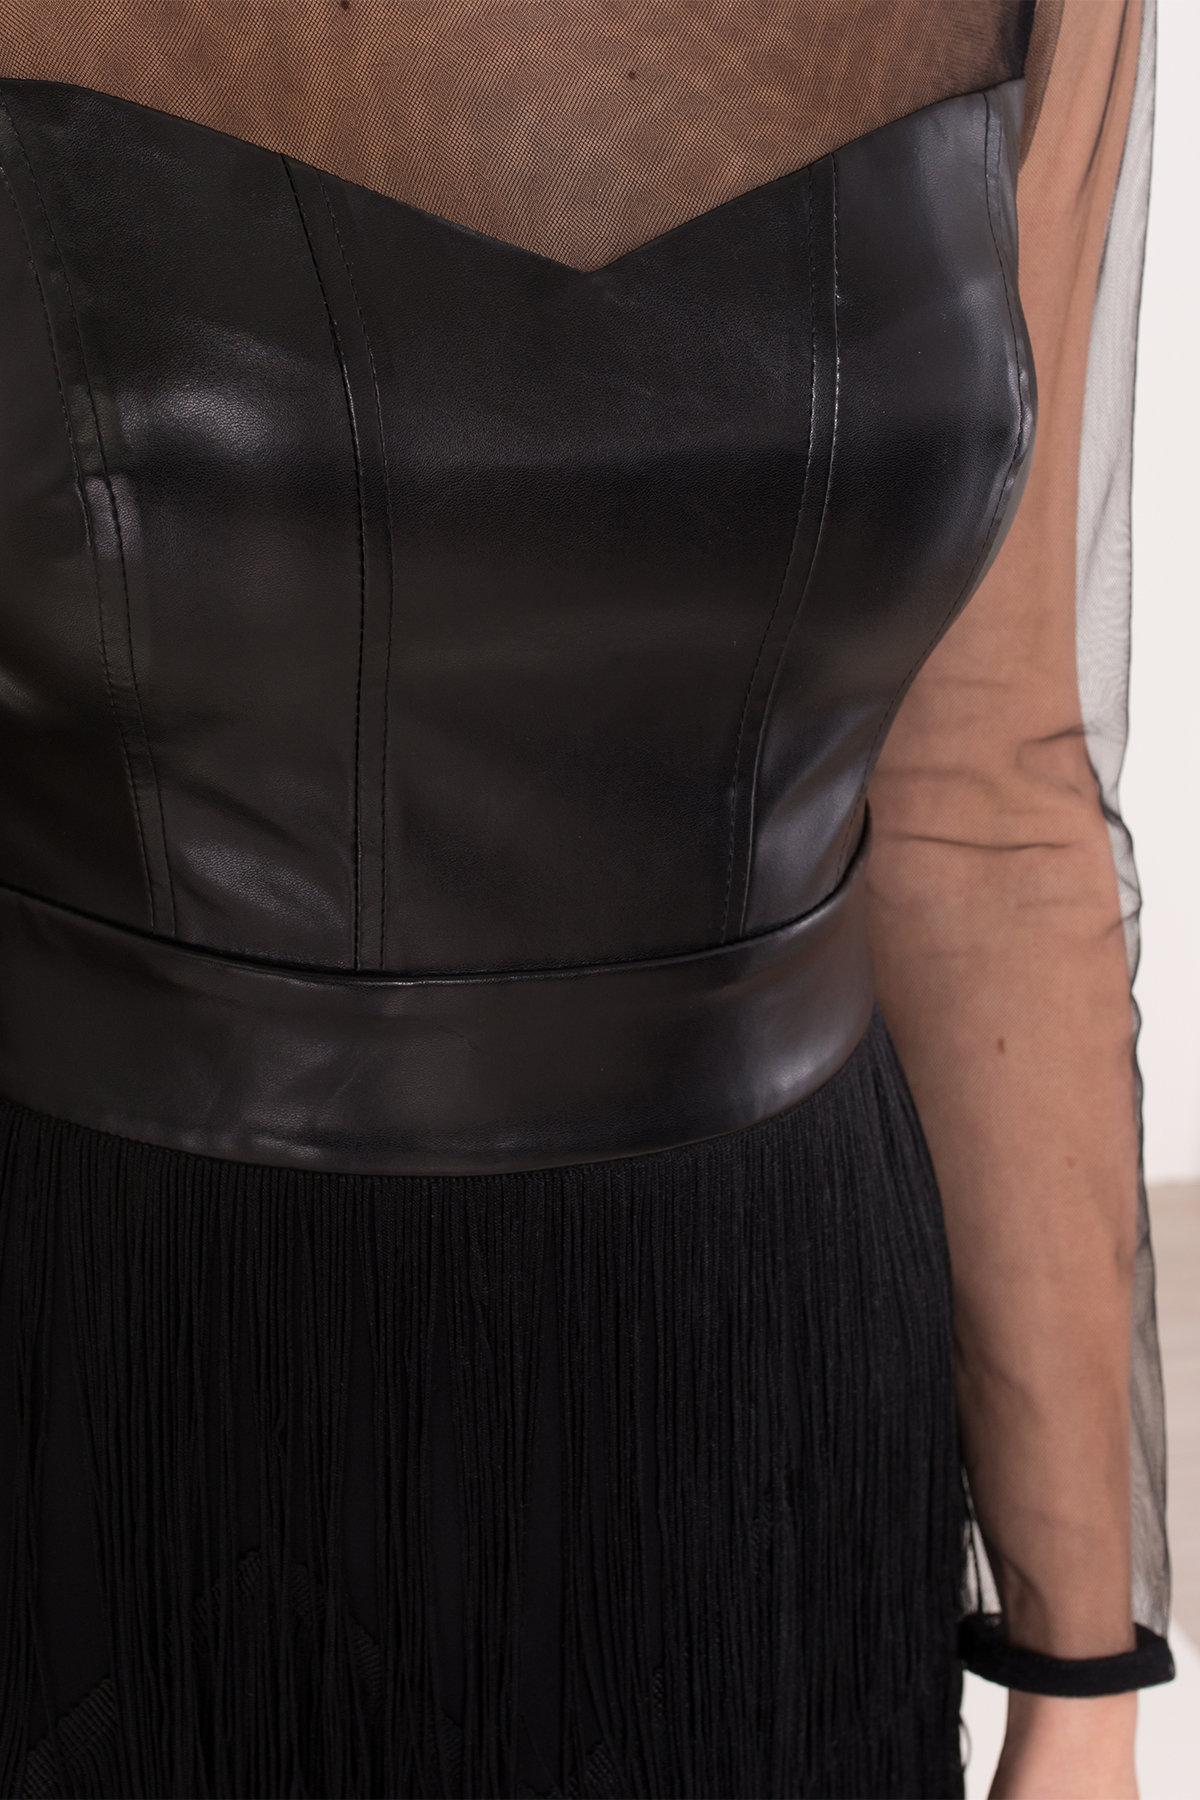 Платье Монталь 8558 АРТ. 44883 Цвет: Черный - фото 8, интернет магазин tm-modus.ru